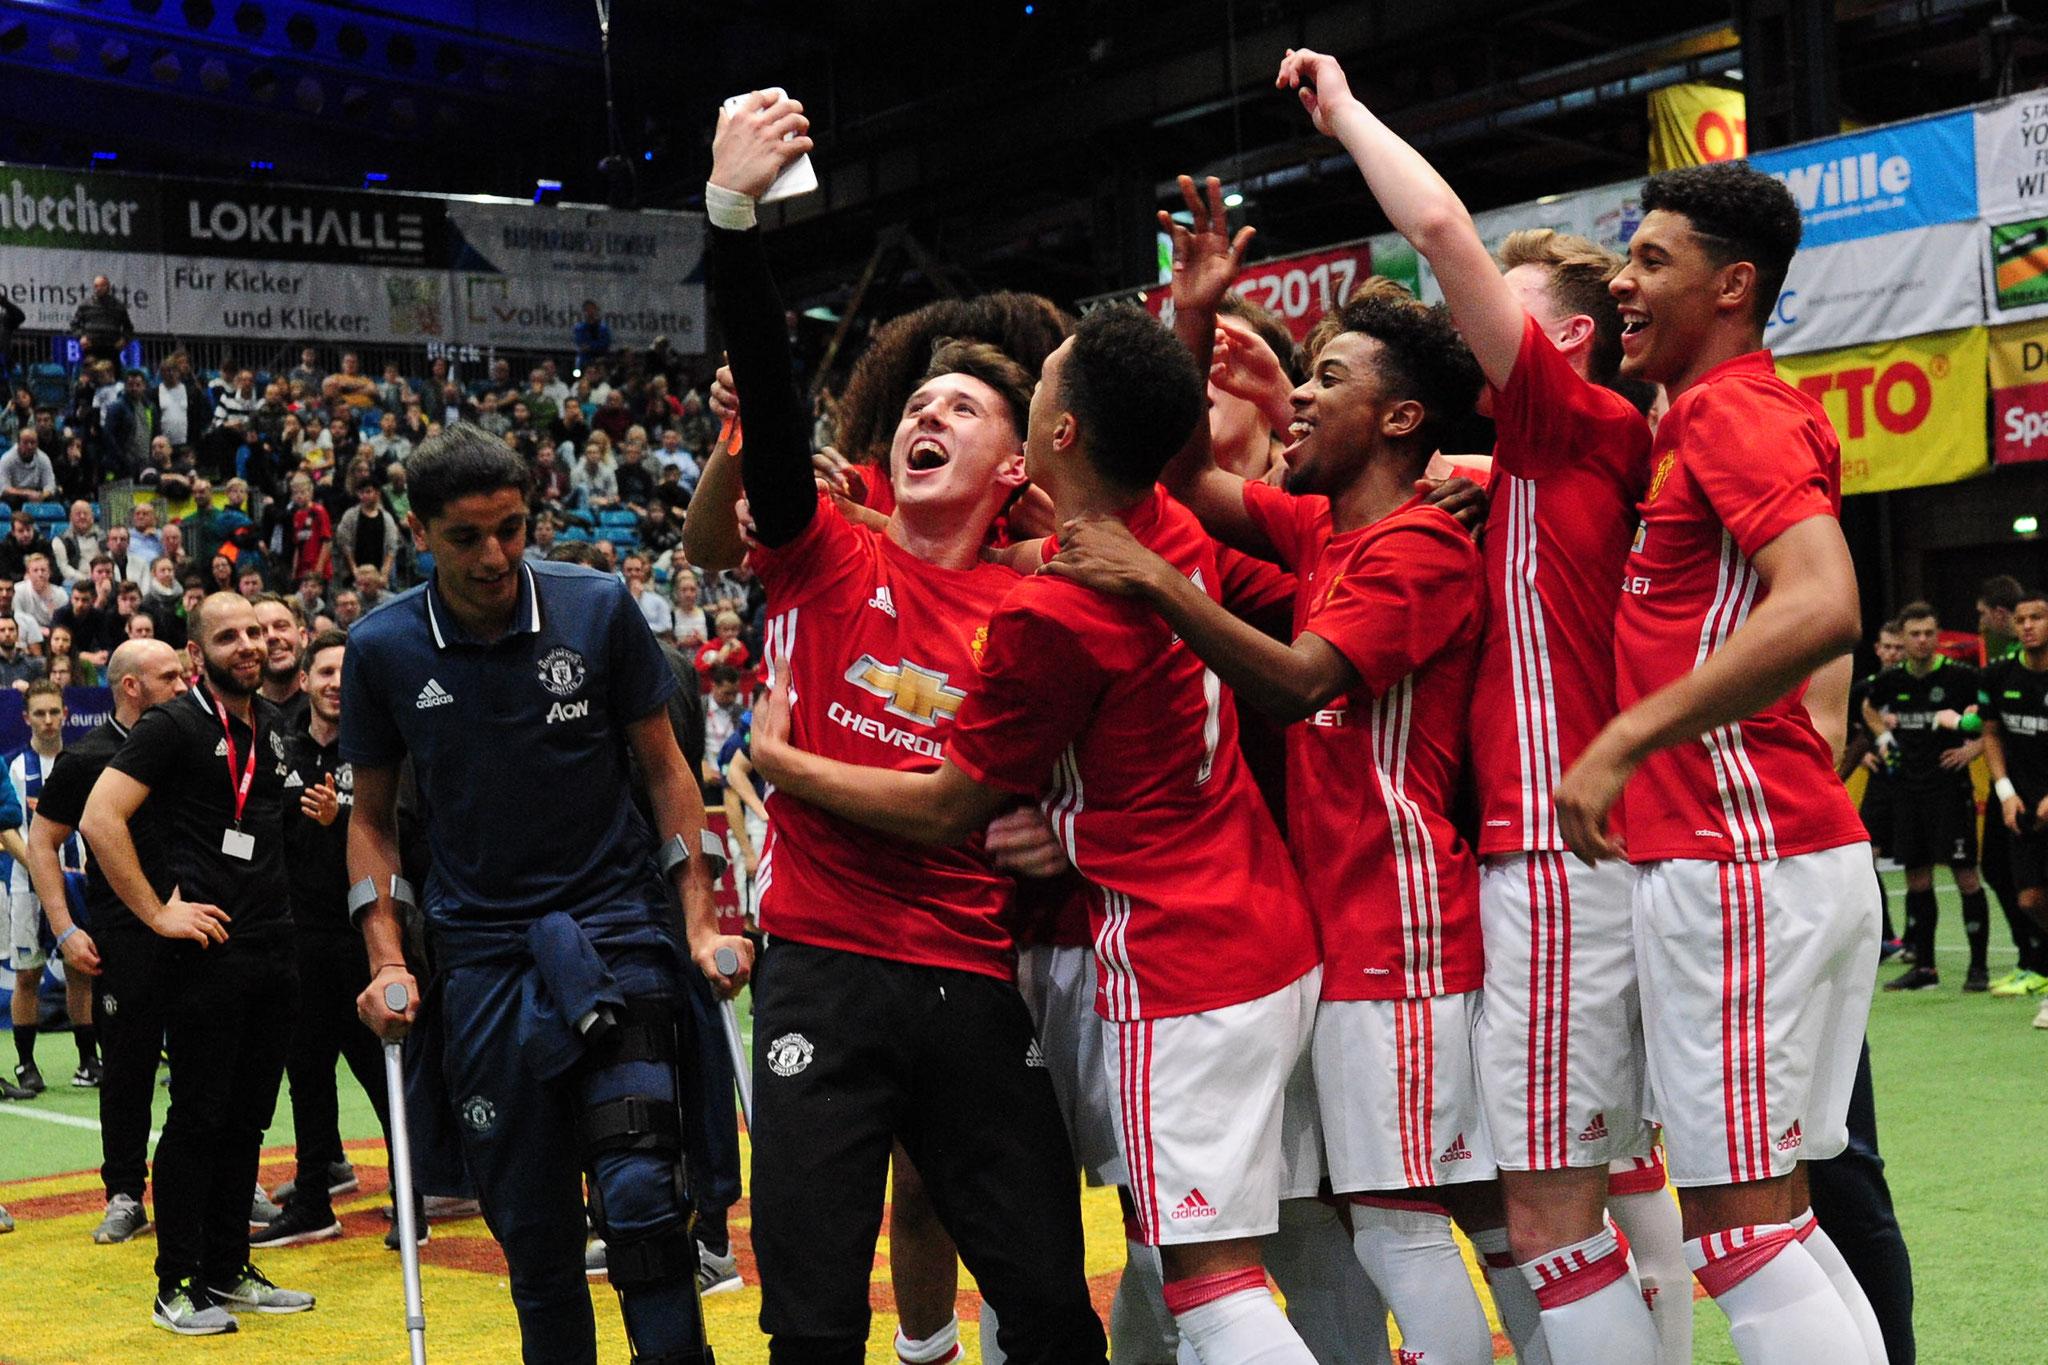 Manchster United gewinnt den Sparkasse & VGH Cup 2017